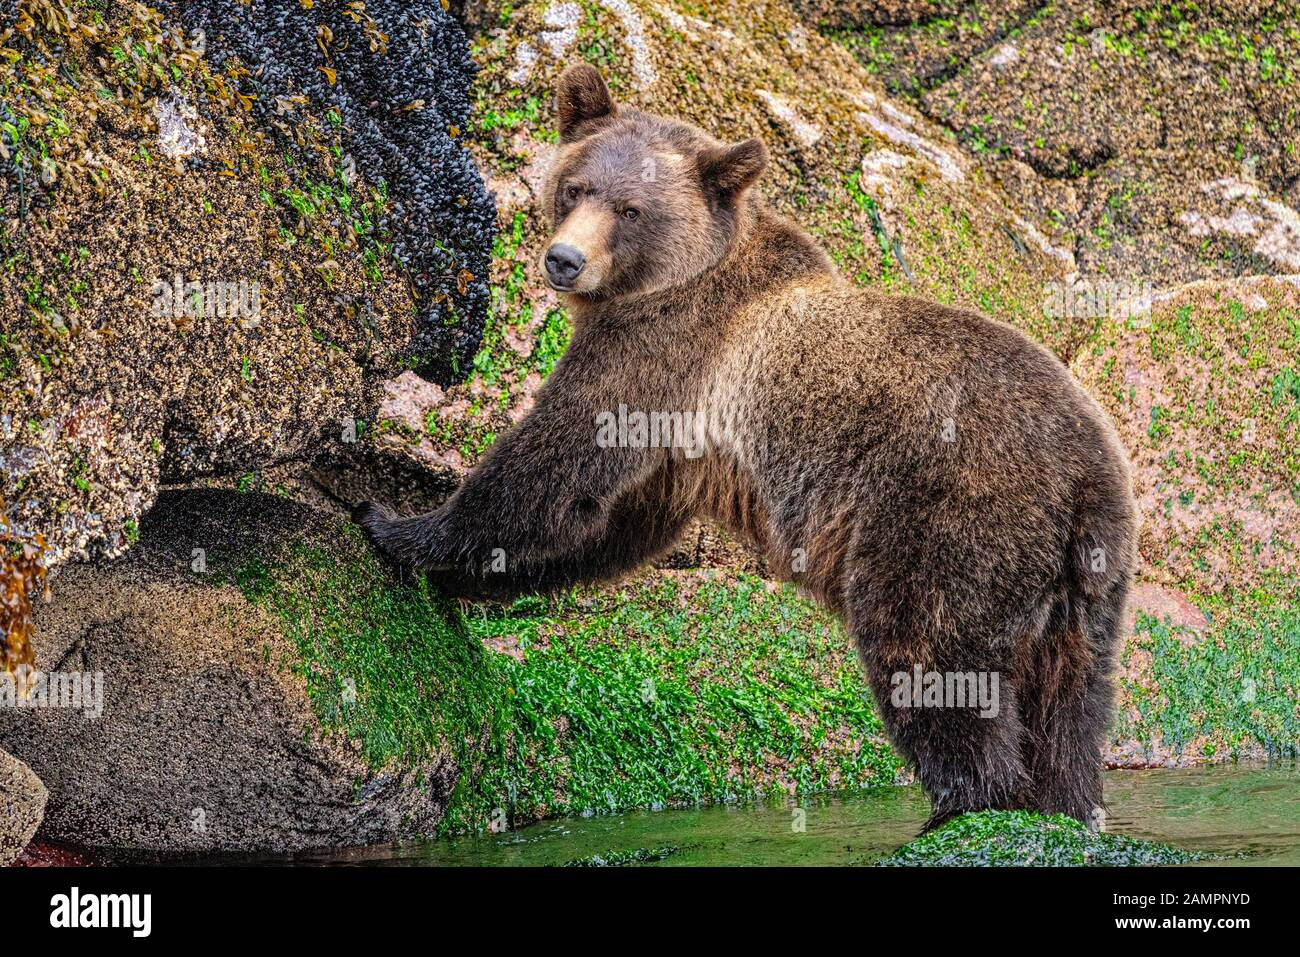 Grizzly Bär, der auf Muscheln entlang der Niedrigwasserlinie in Knight Inlet, First Nations Territory, British Columbia, Kanada, aufforst. Stockfoto